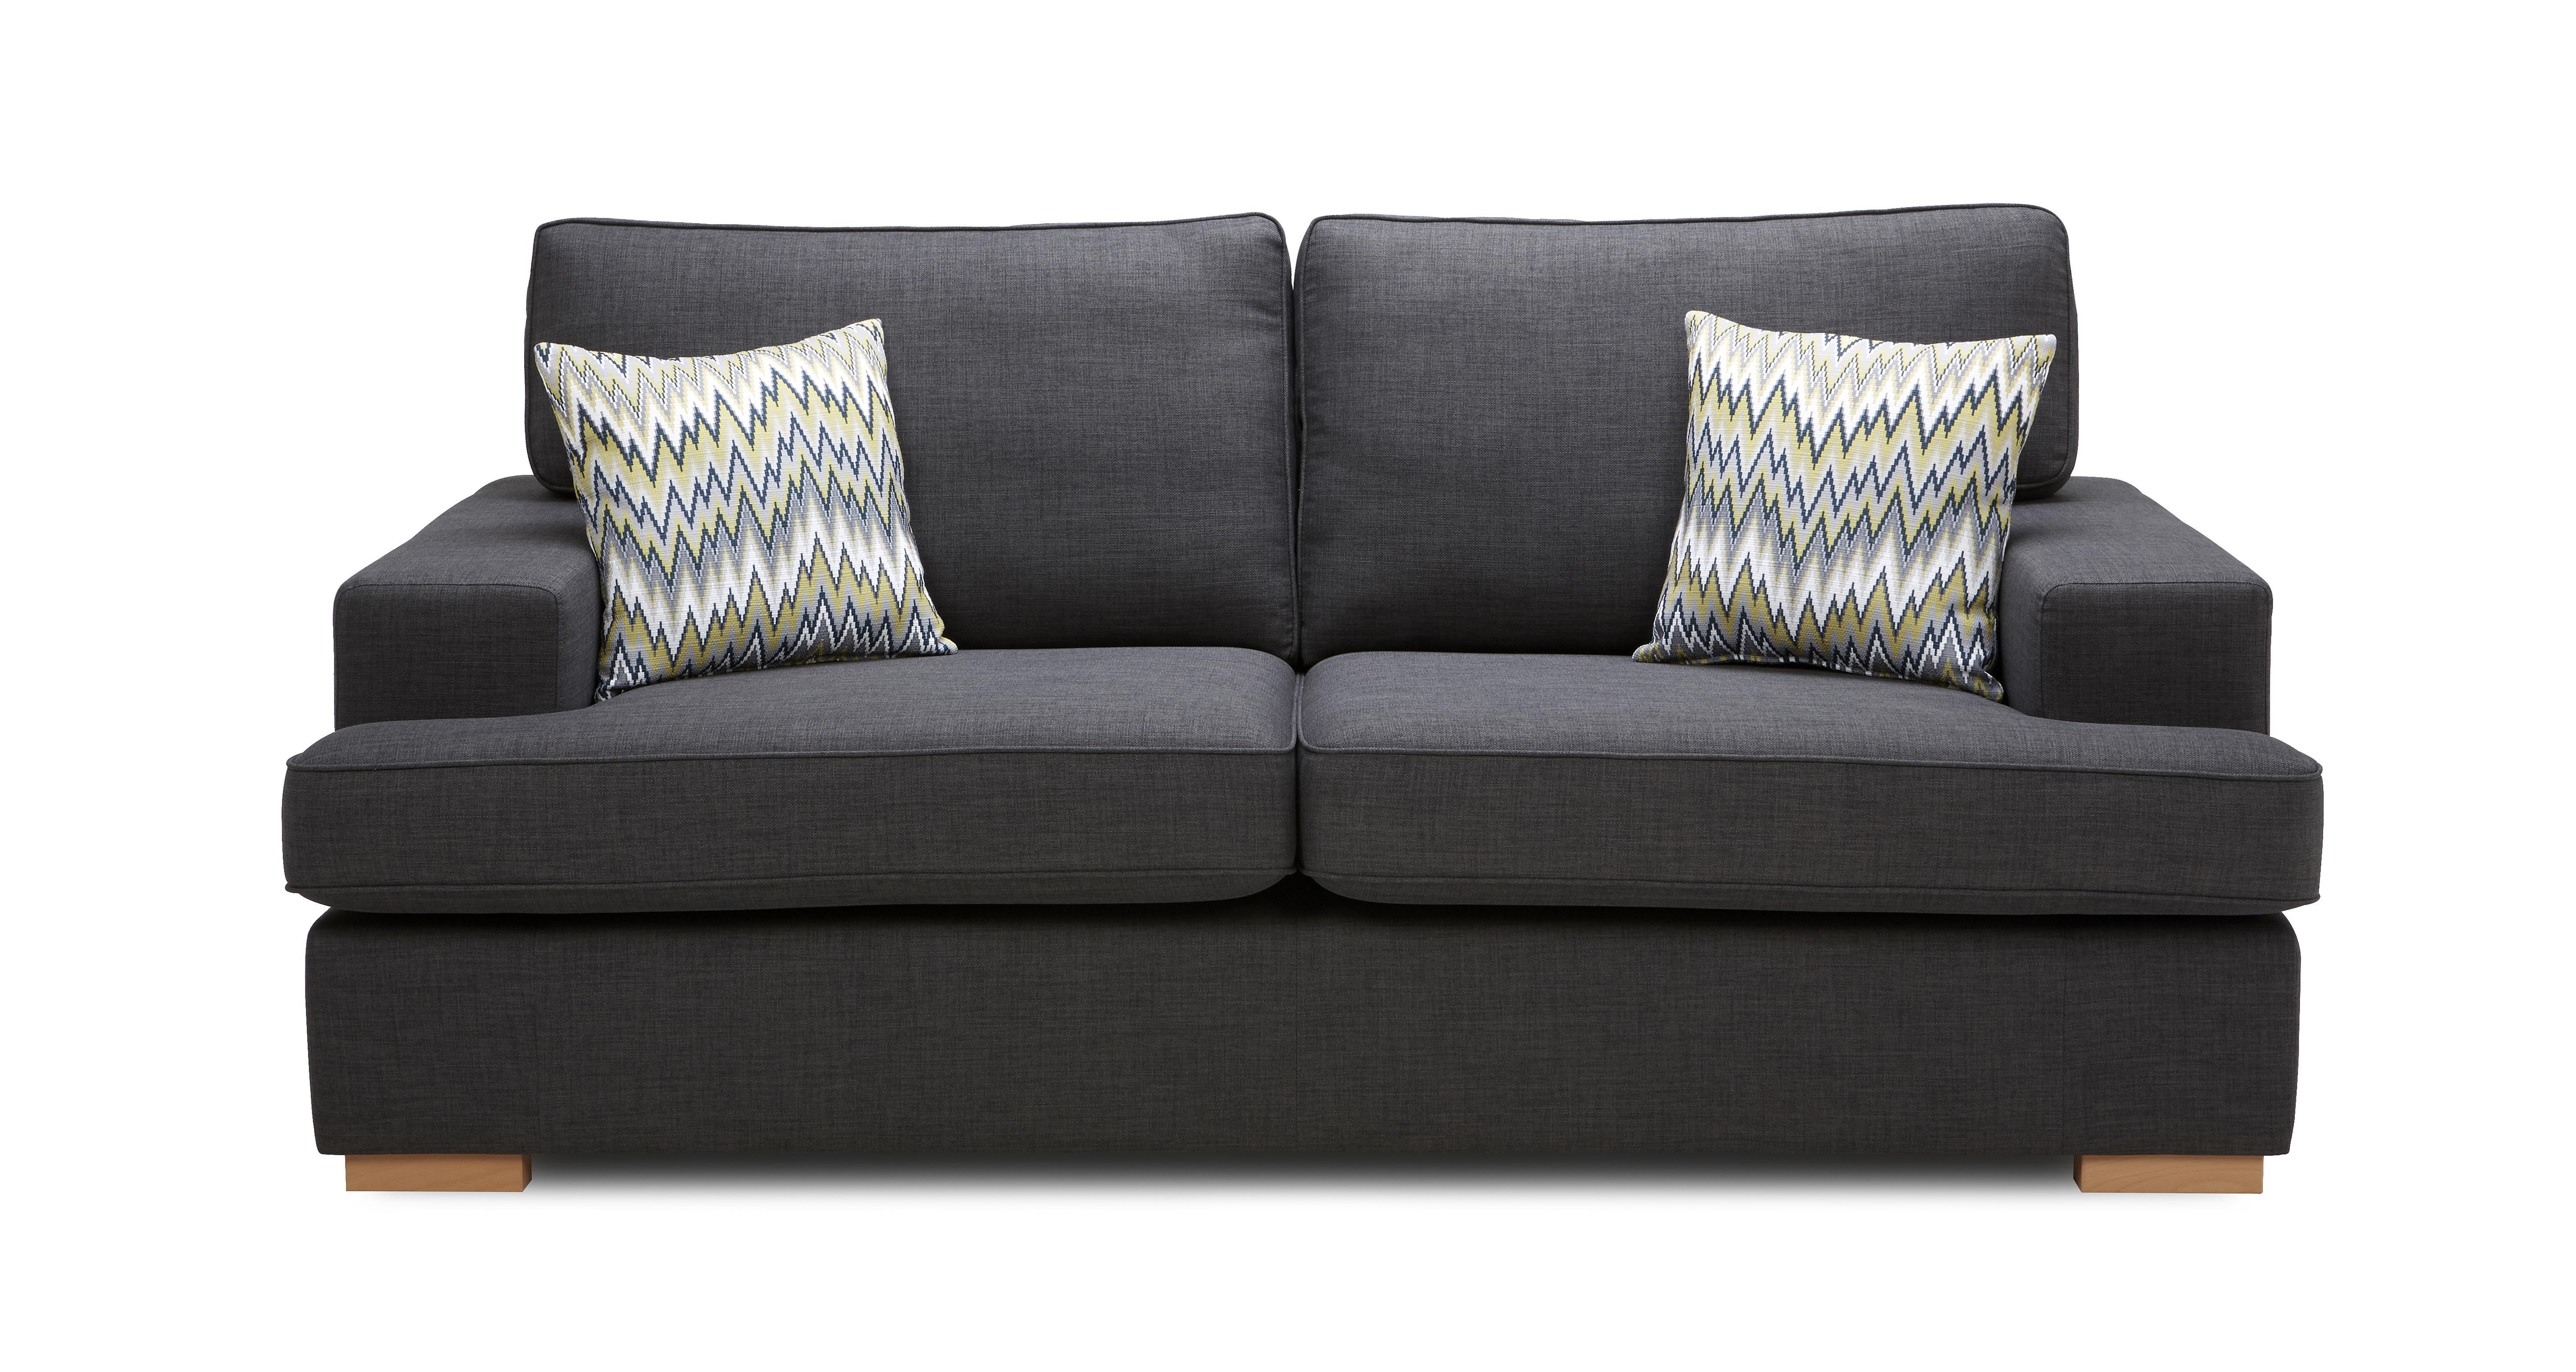 Ludo 3 Seater Sofa Revive